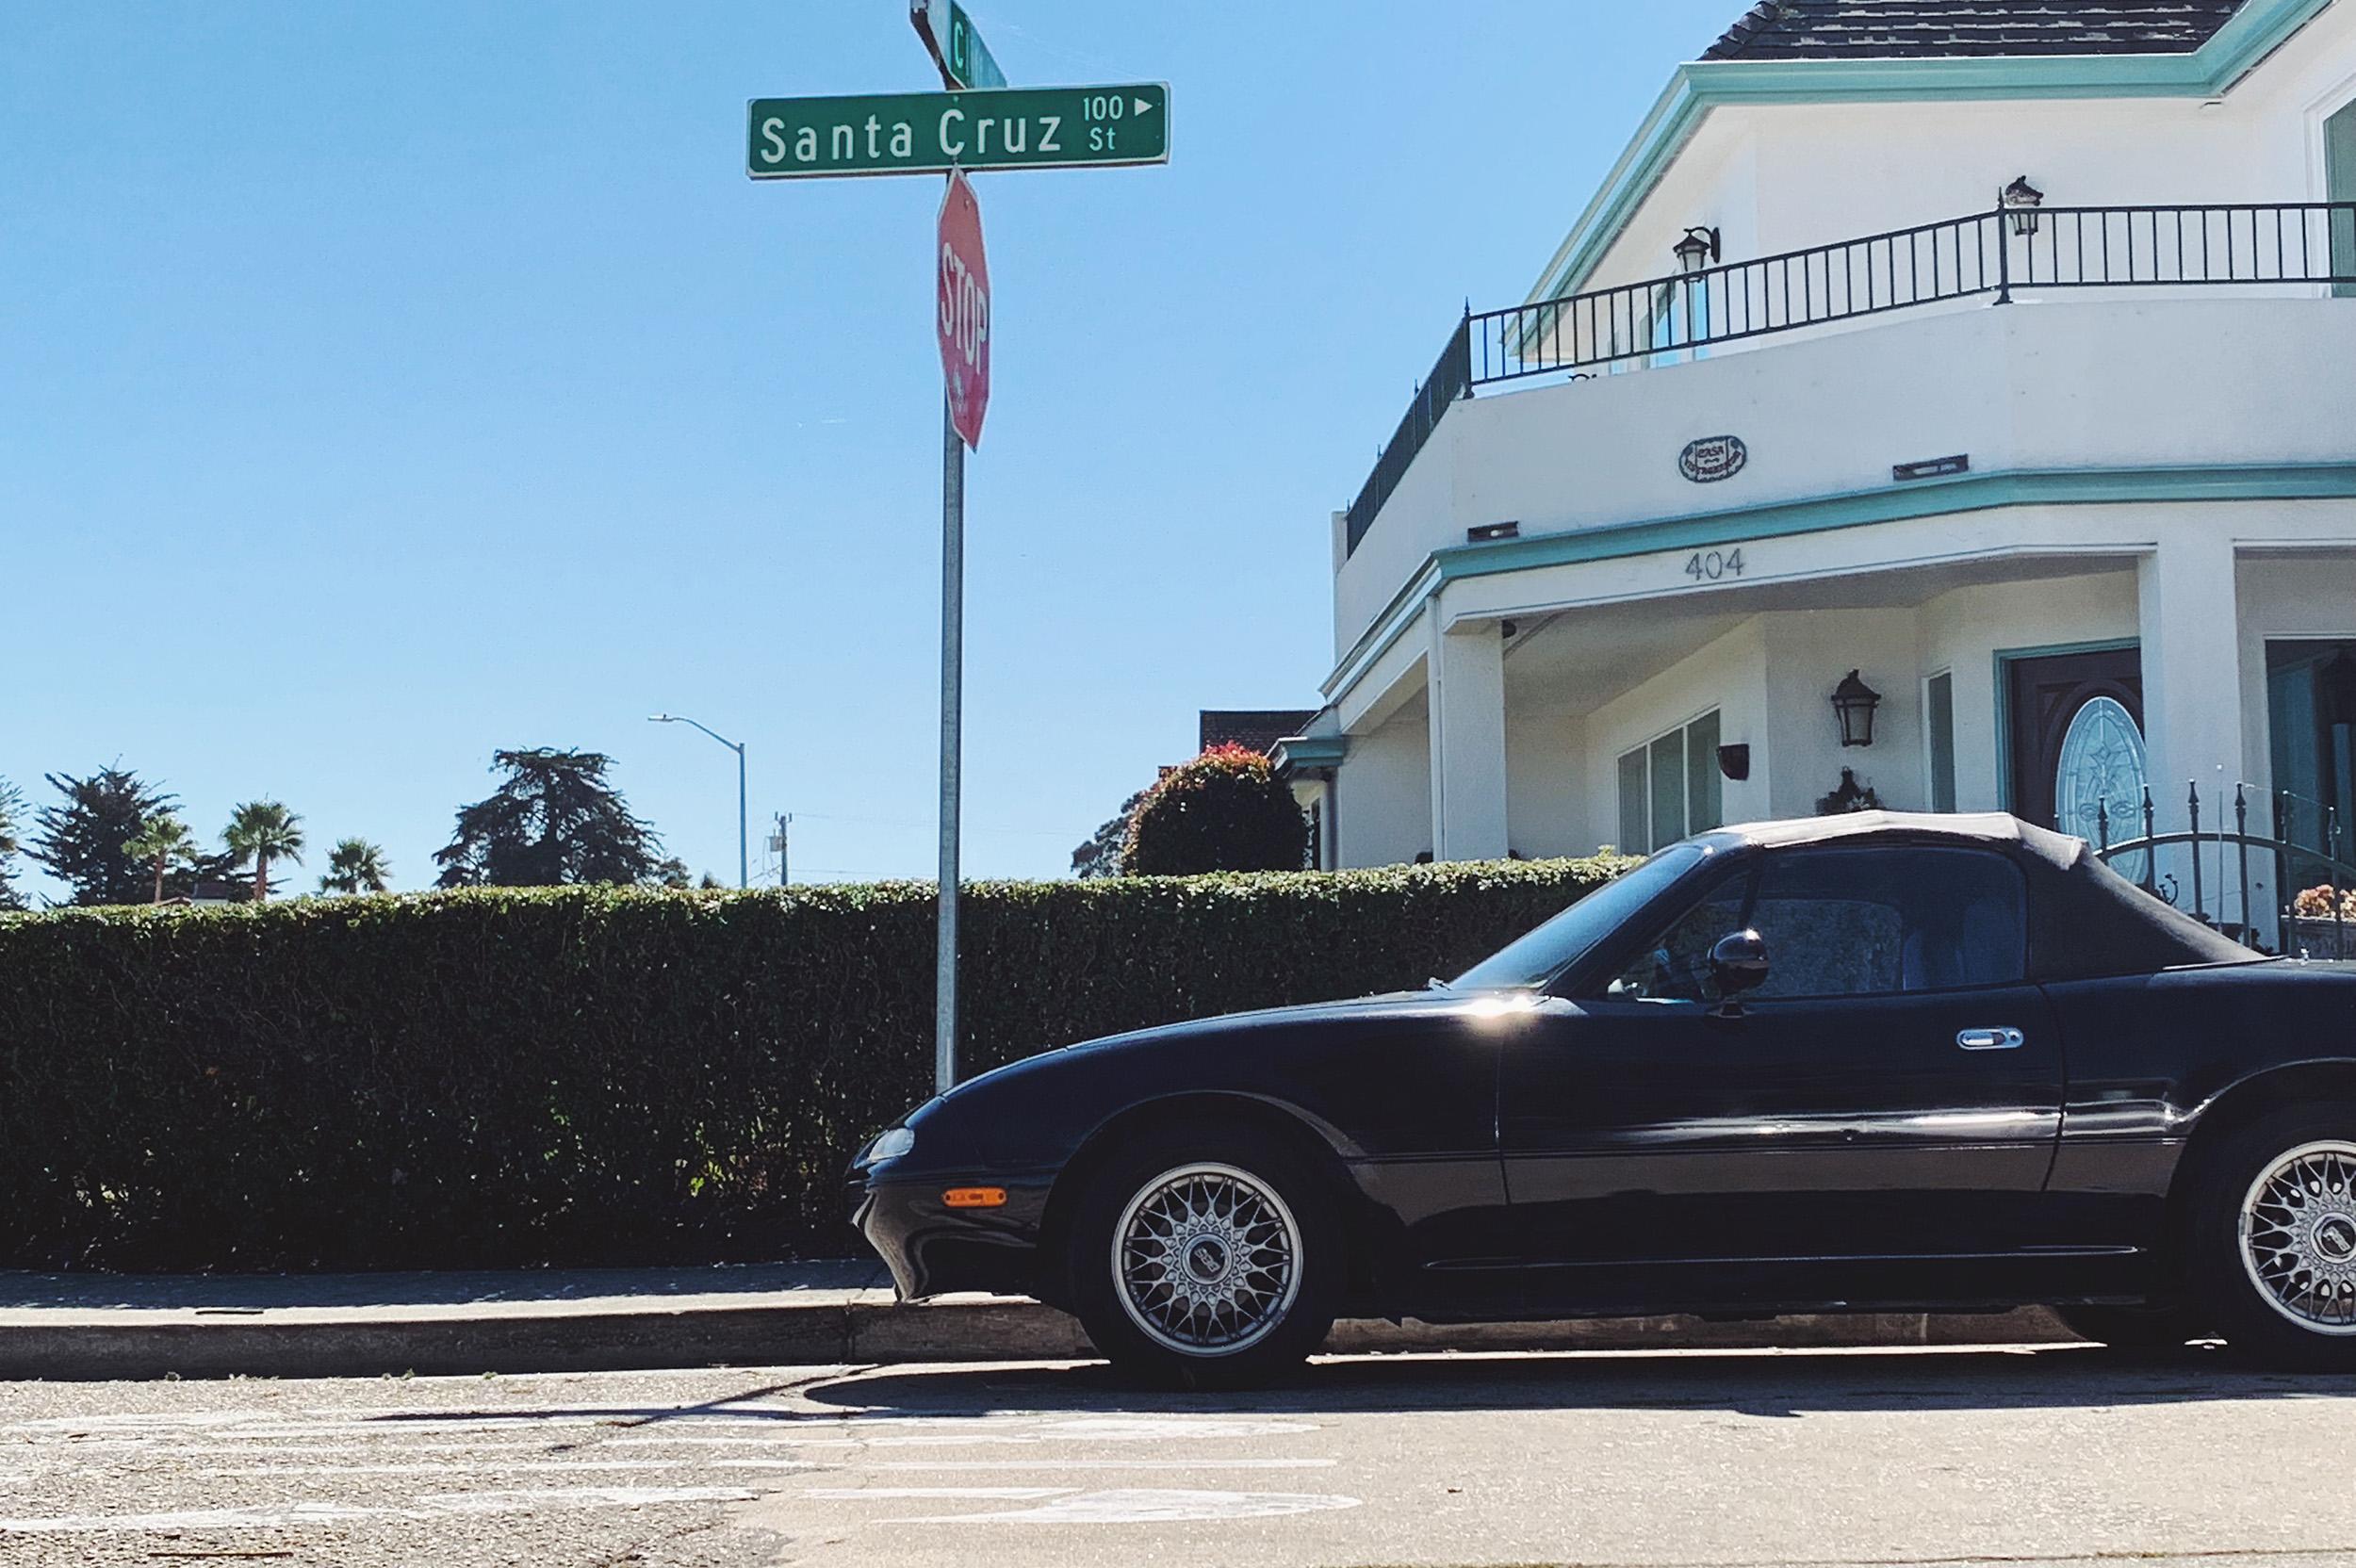 I found Santa Cruz street in Santa Cruz. Oh and a supremely clean NA Miata as well.